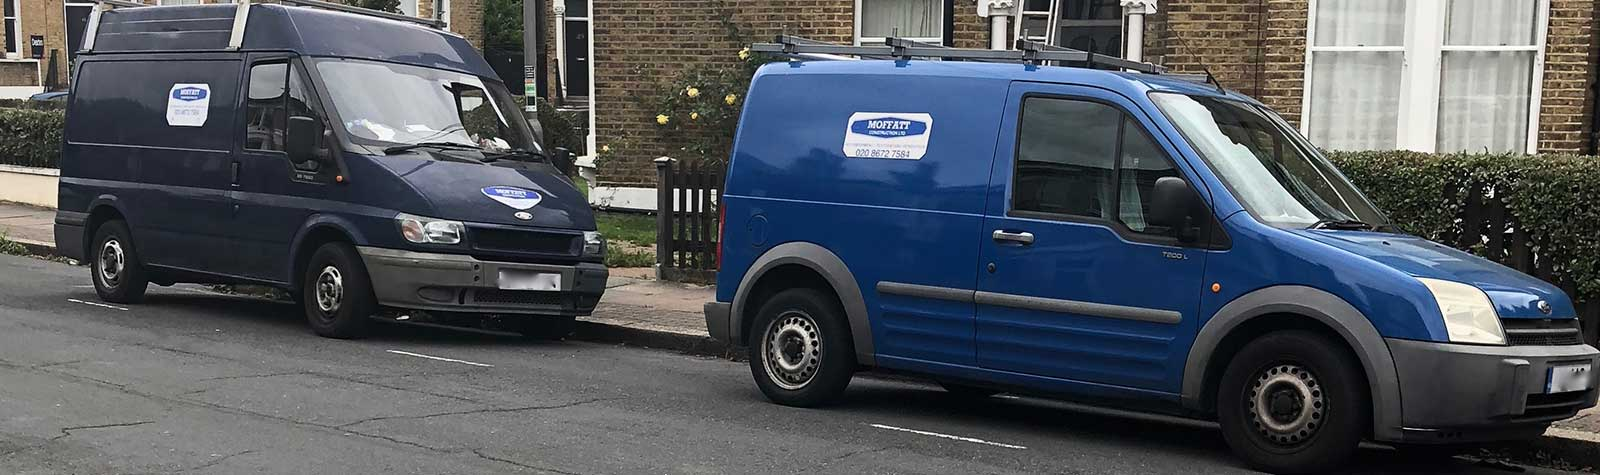 Moffatt cars banner